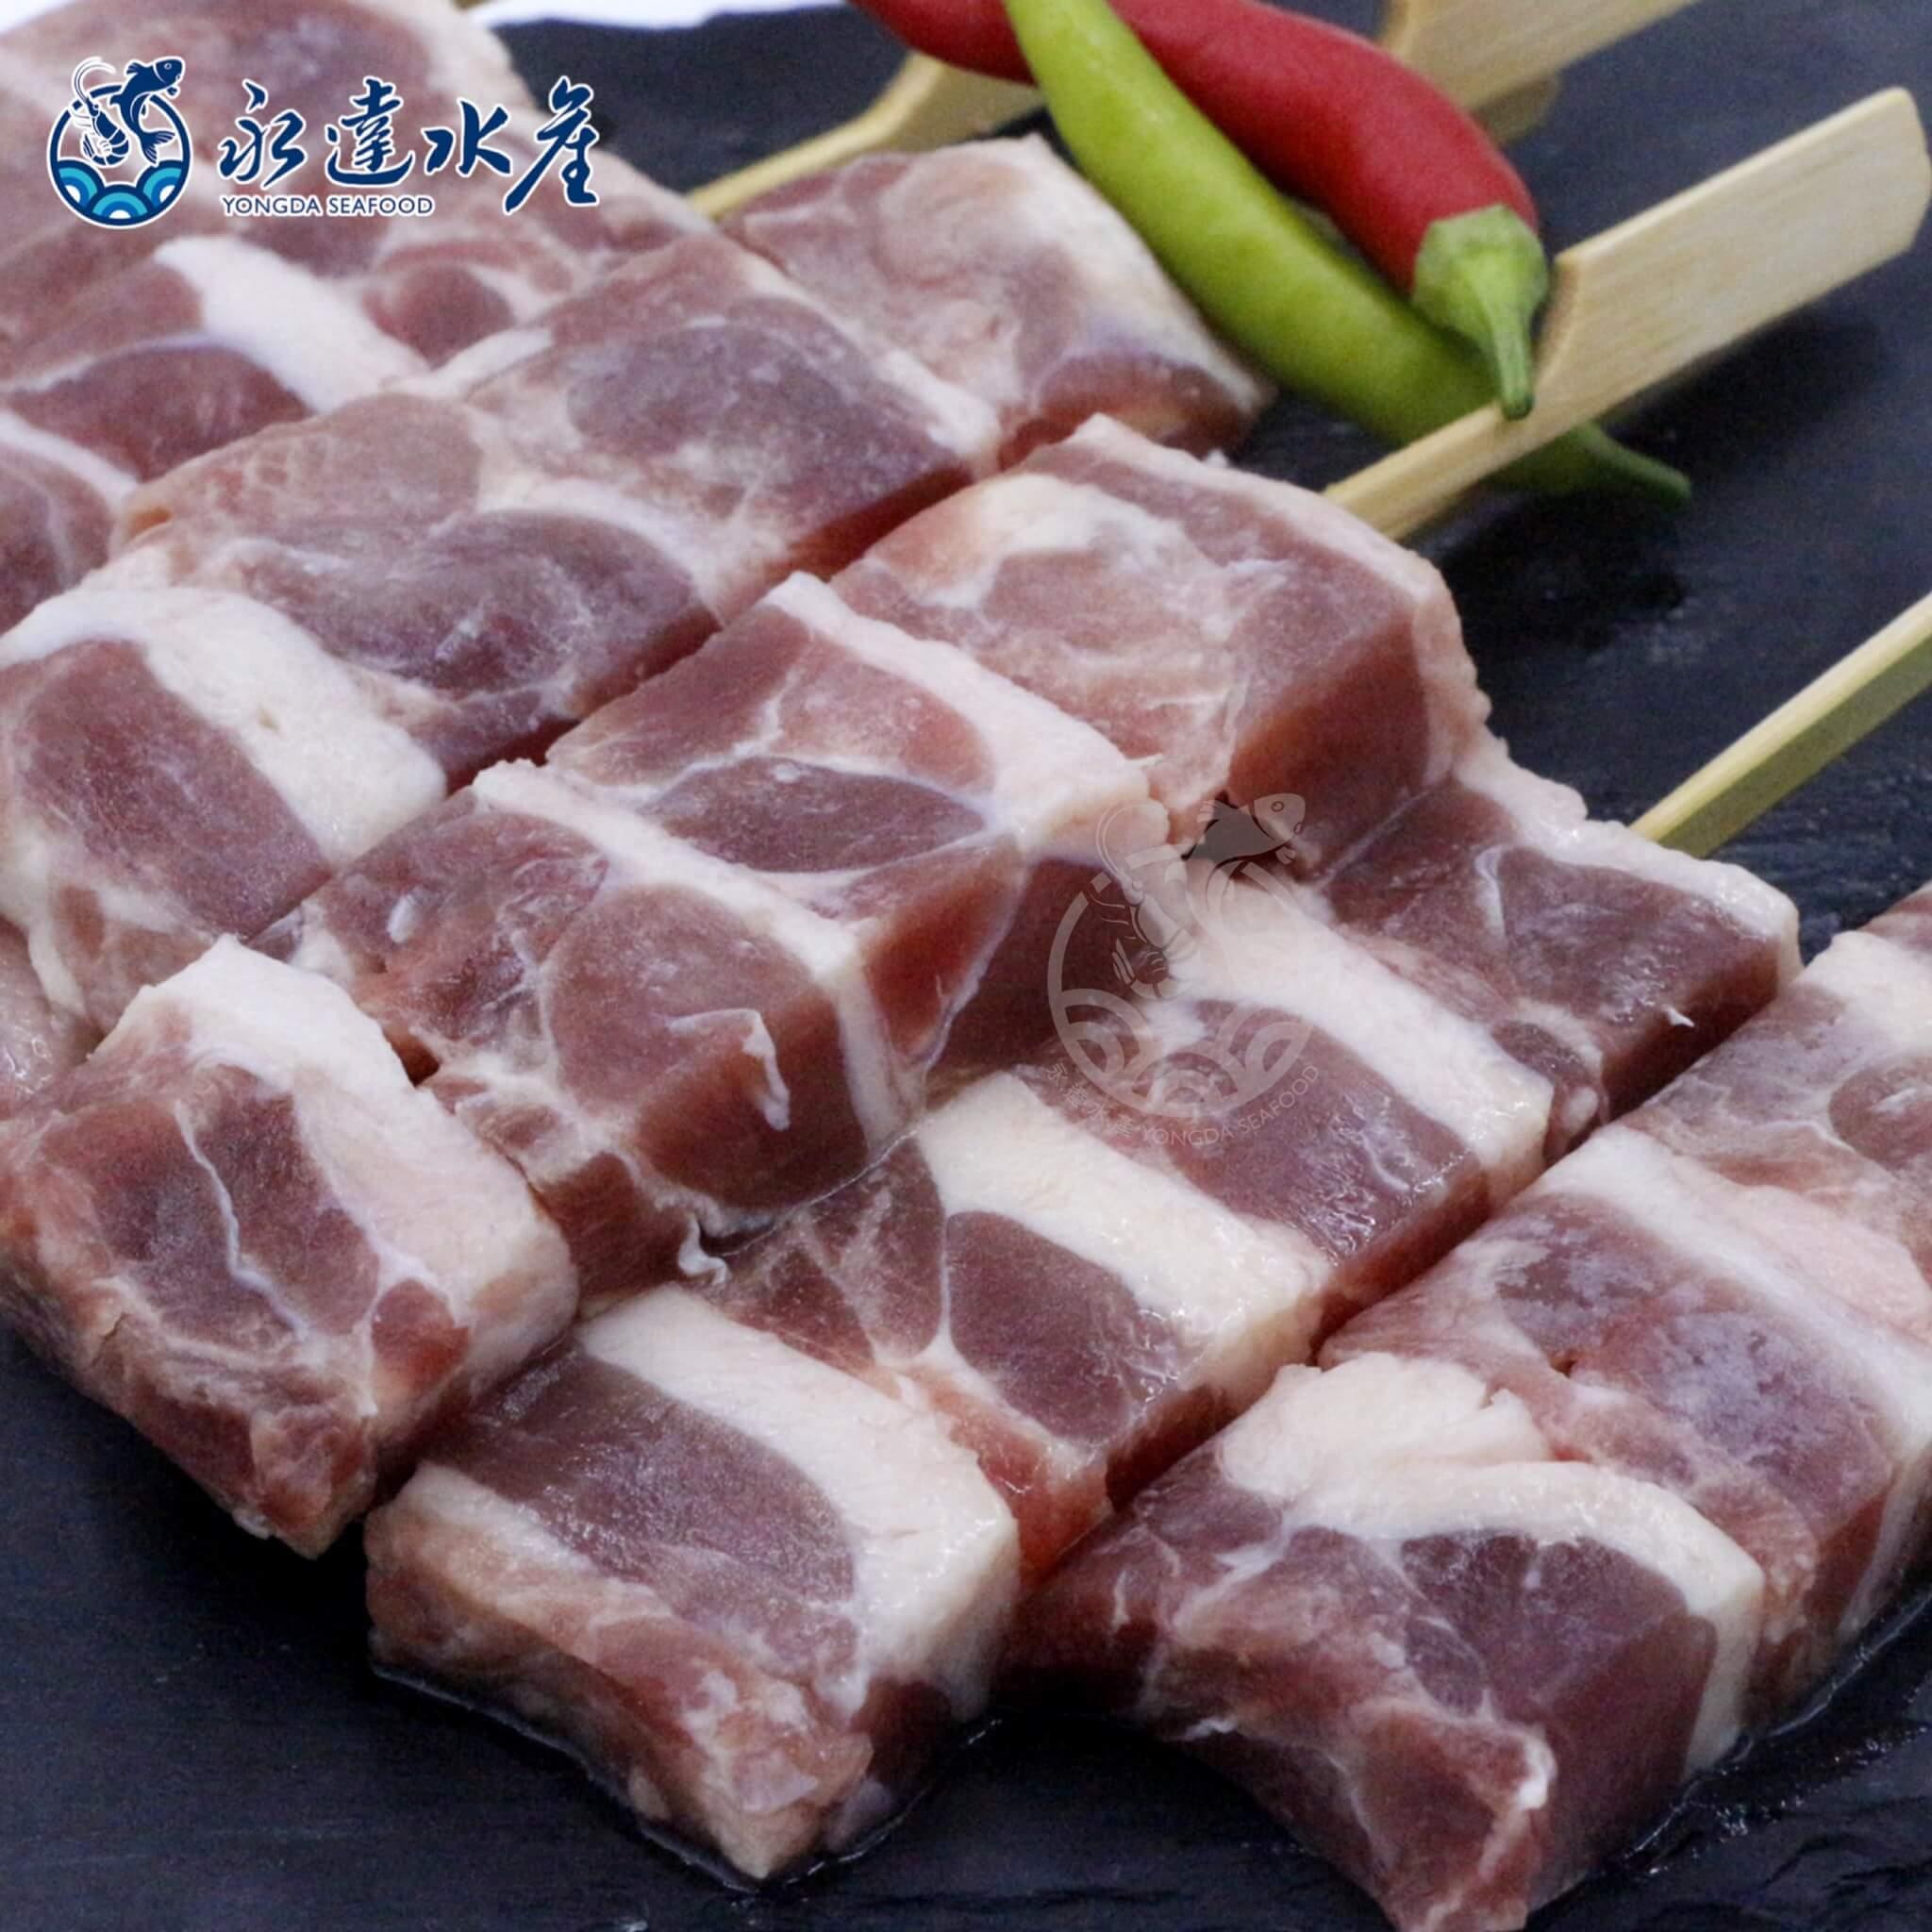 肉品|櫻桃鴨肉串|櫻桃鴨|肉串|鴨肉